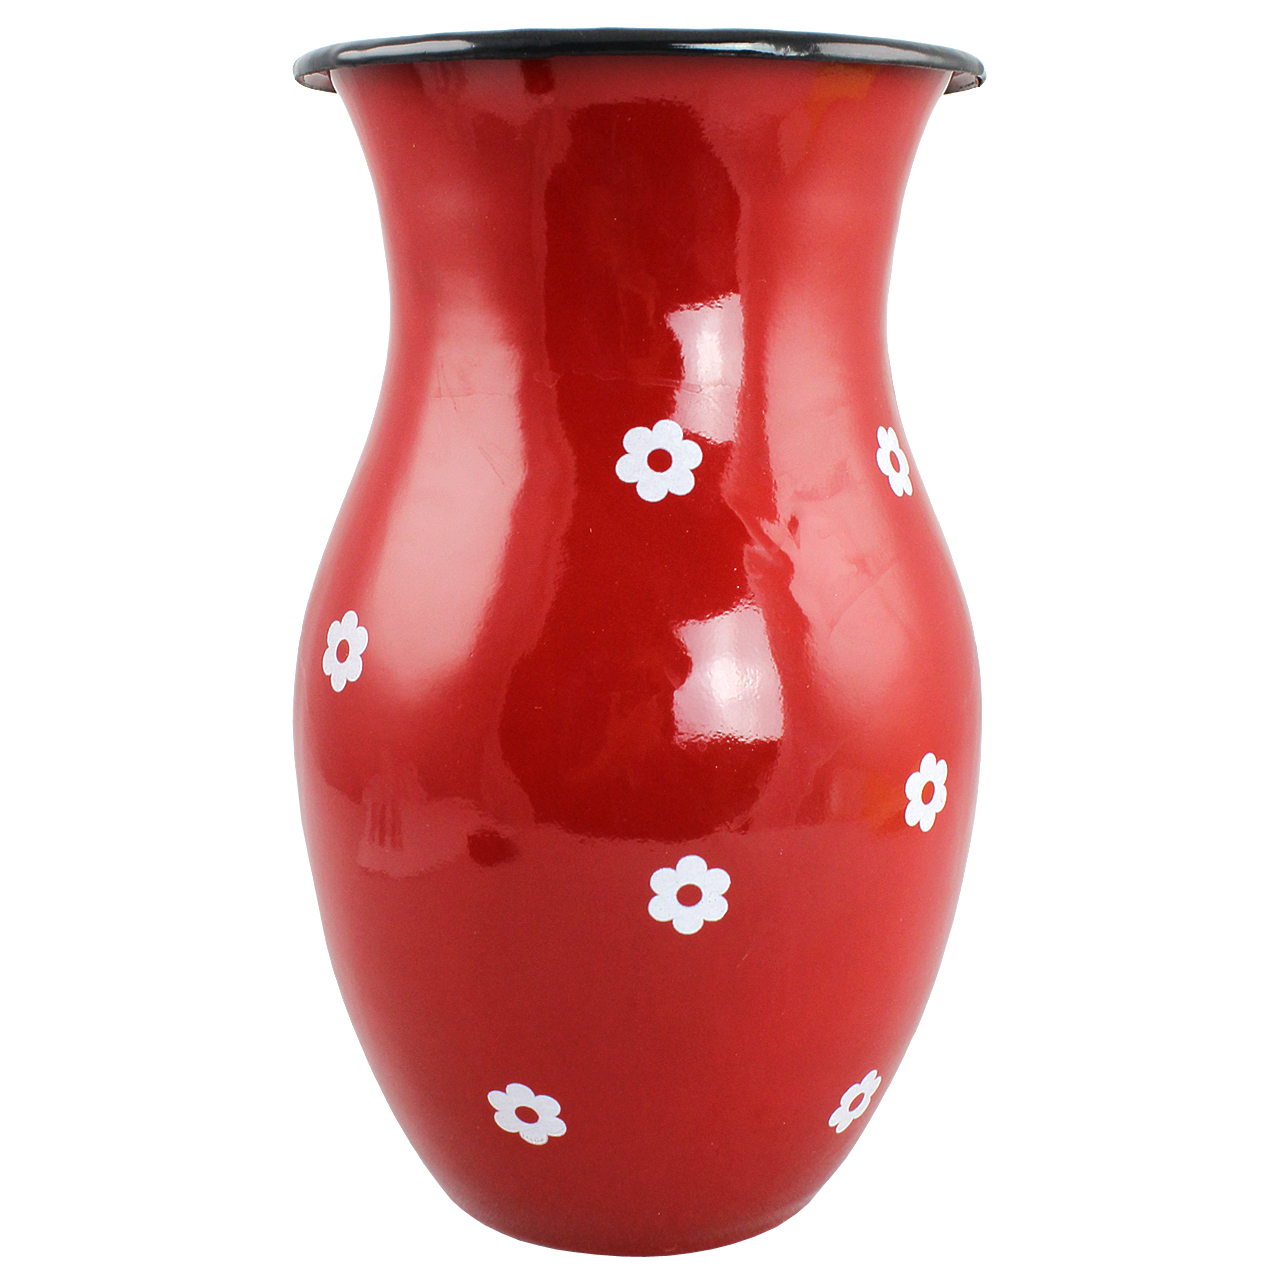 Vaza Din Metal Rosu Cu Floricele 25 Cm